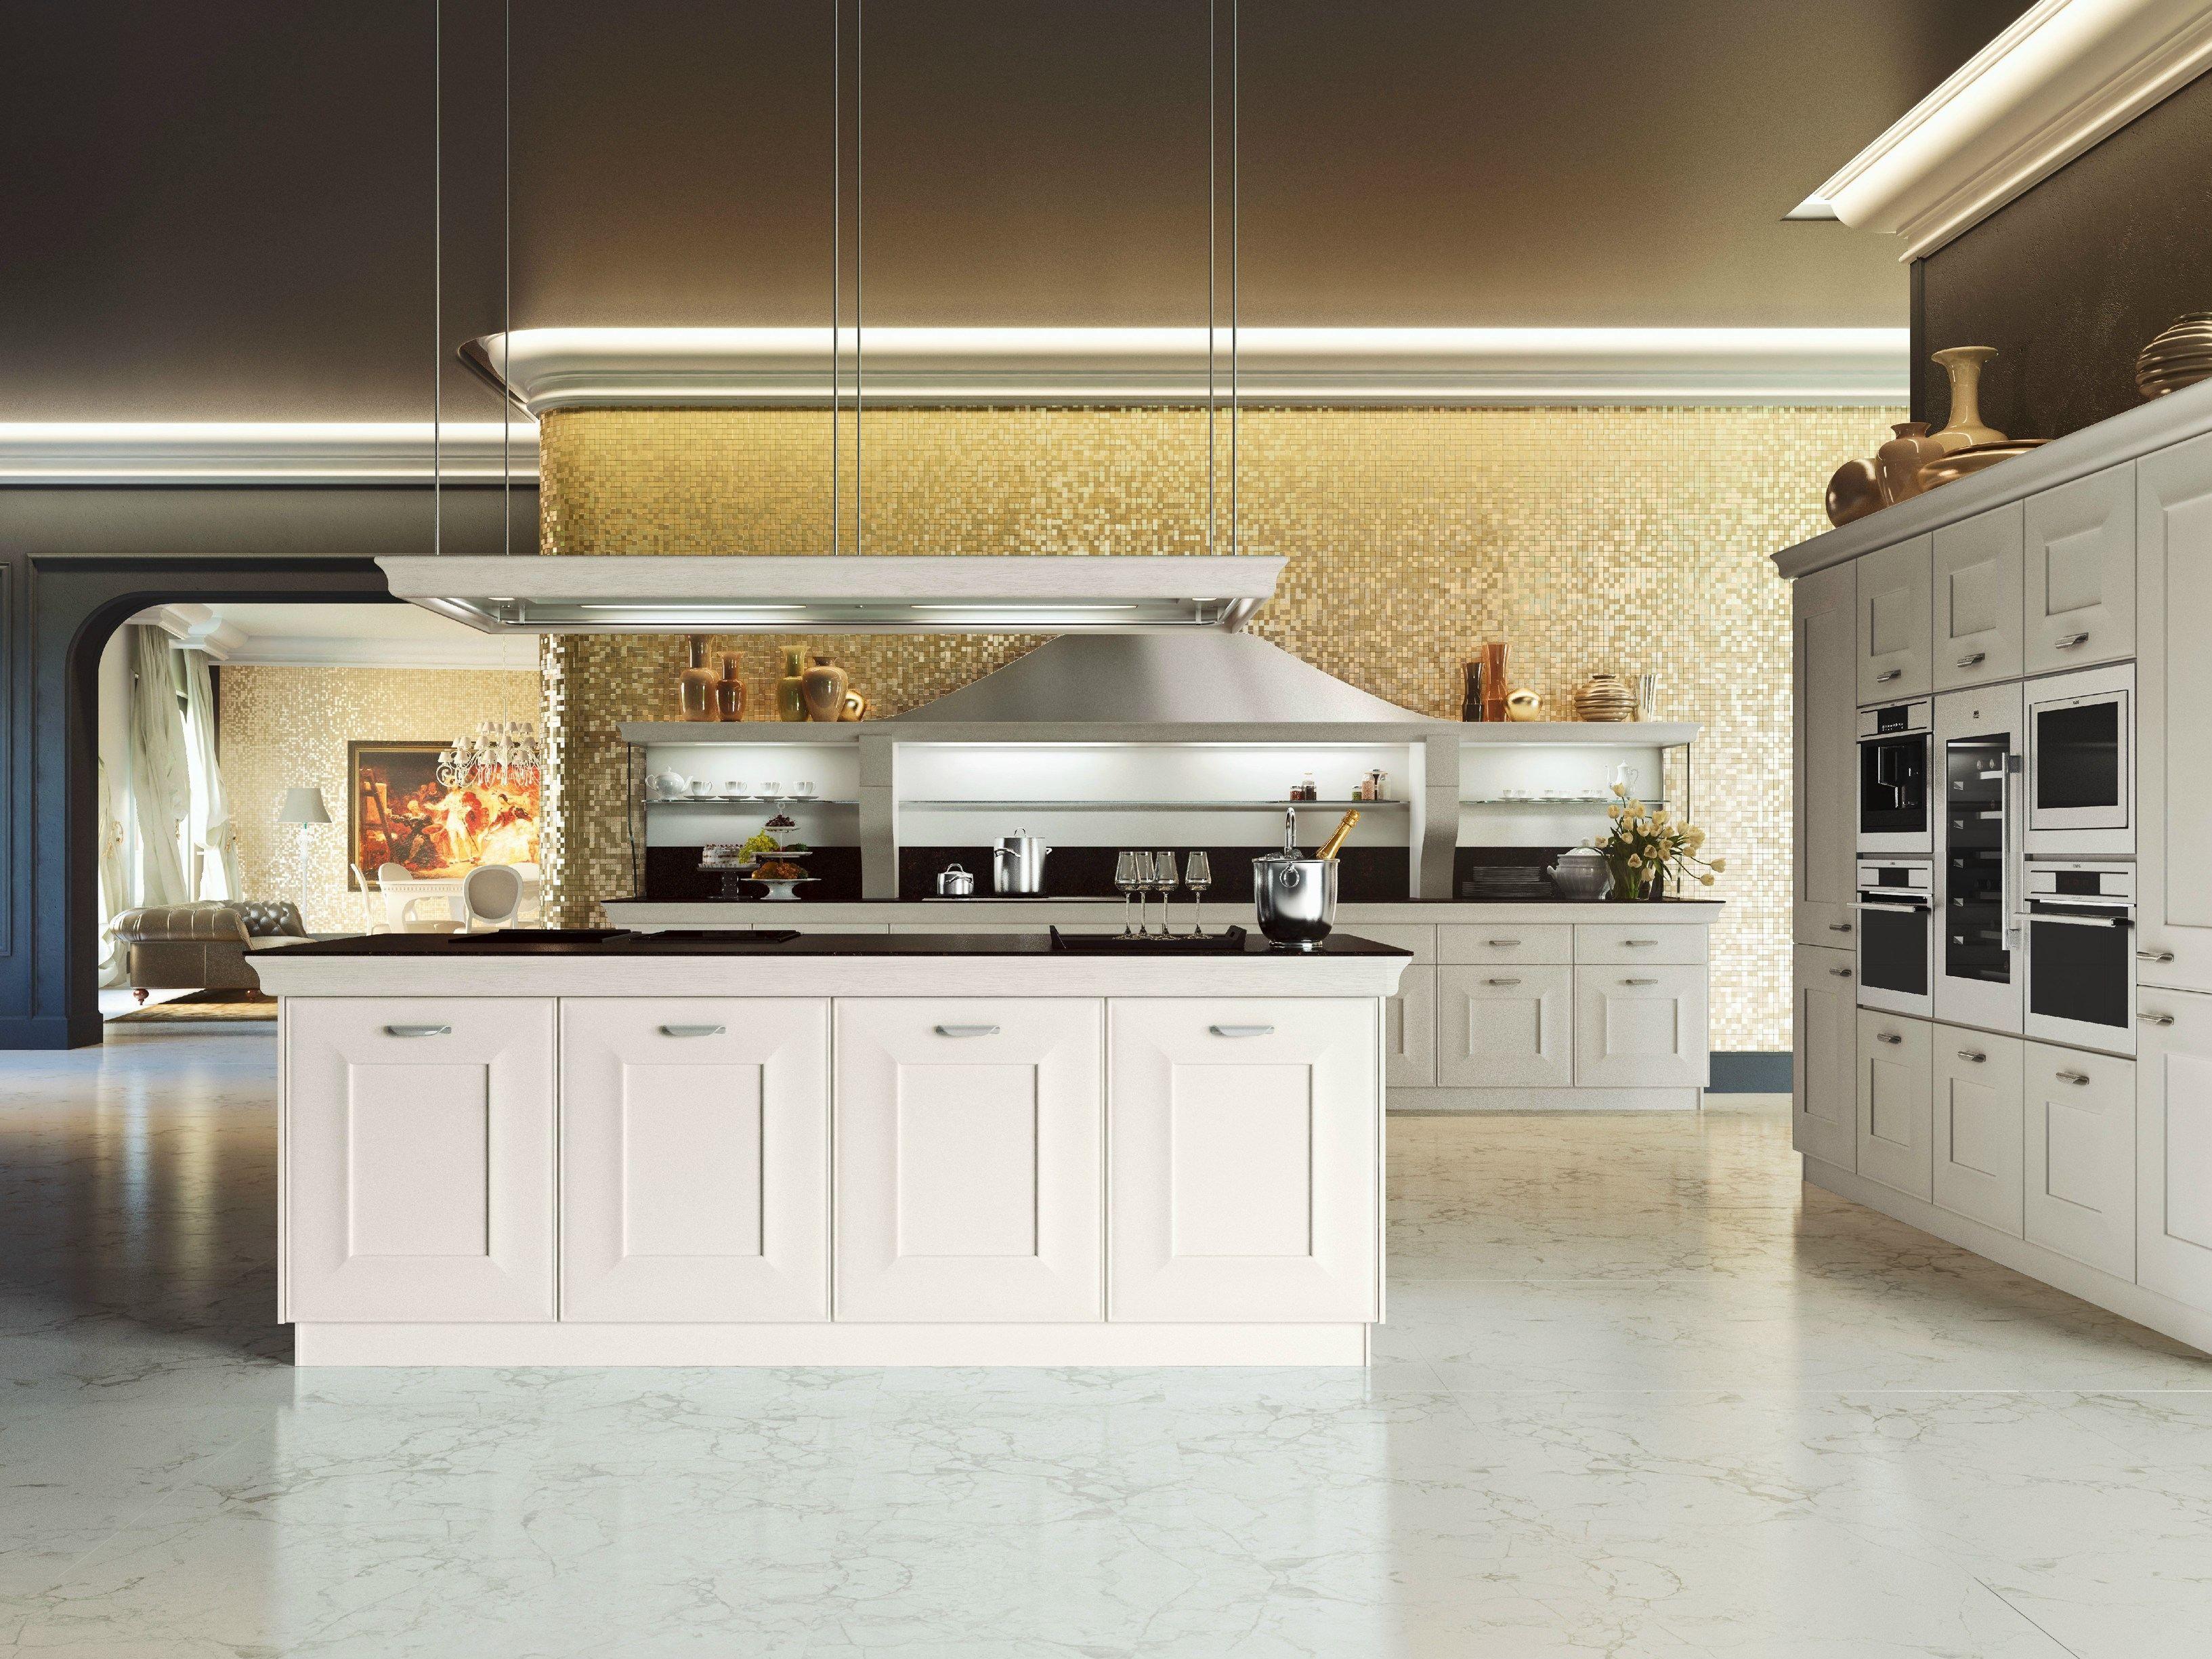 Classica Con Isola Centrale. Cucine Classiche Con Isola Centrale #926F39 3266 2449 Cucine Classiche Con Isola